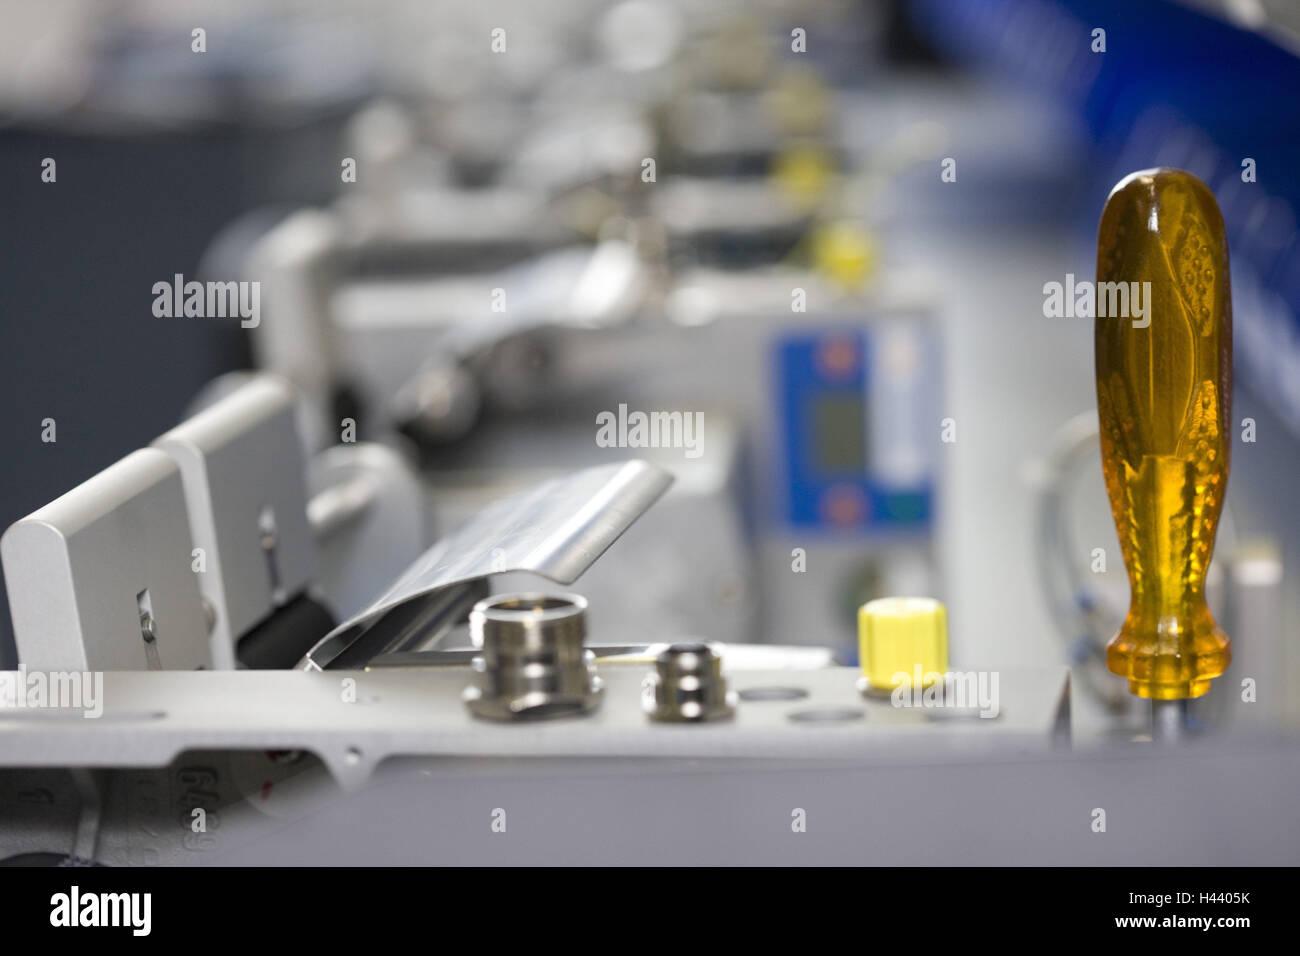 Ingegneria meccanica, il lotto di fabbricazione, editing, sfocatura, industria, macchina, le parti della macchina Immagini Stock